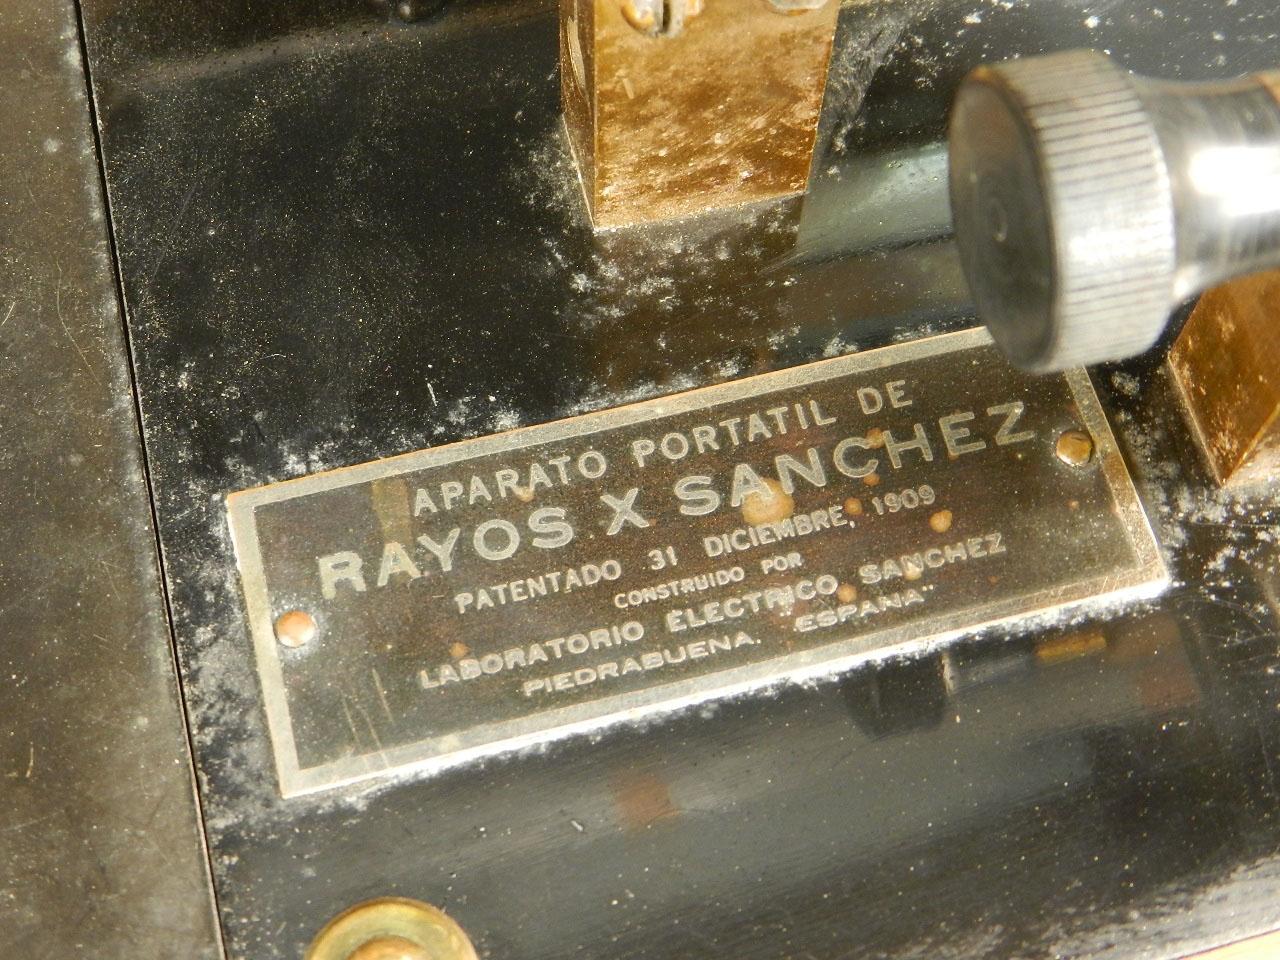 Imagen 1º APARATO DE RAYOS X PORTÁTIL AÑO 1909 25841